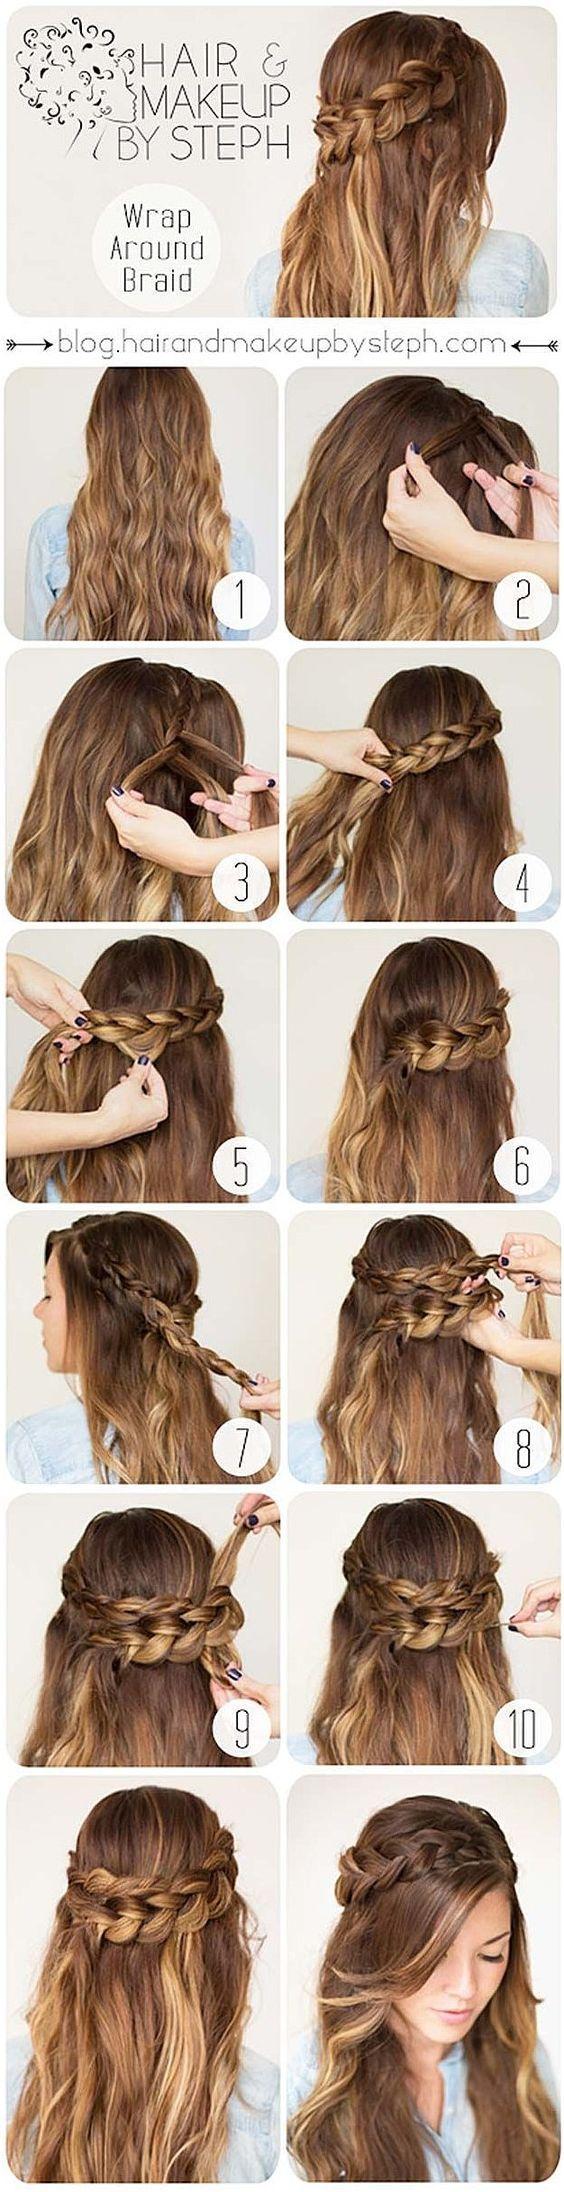 coiffure simple et rapide pour cheveux long Coiffure